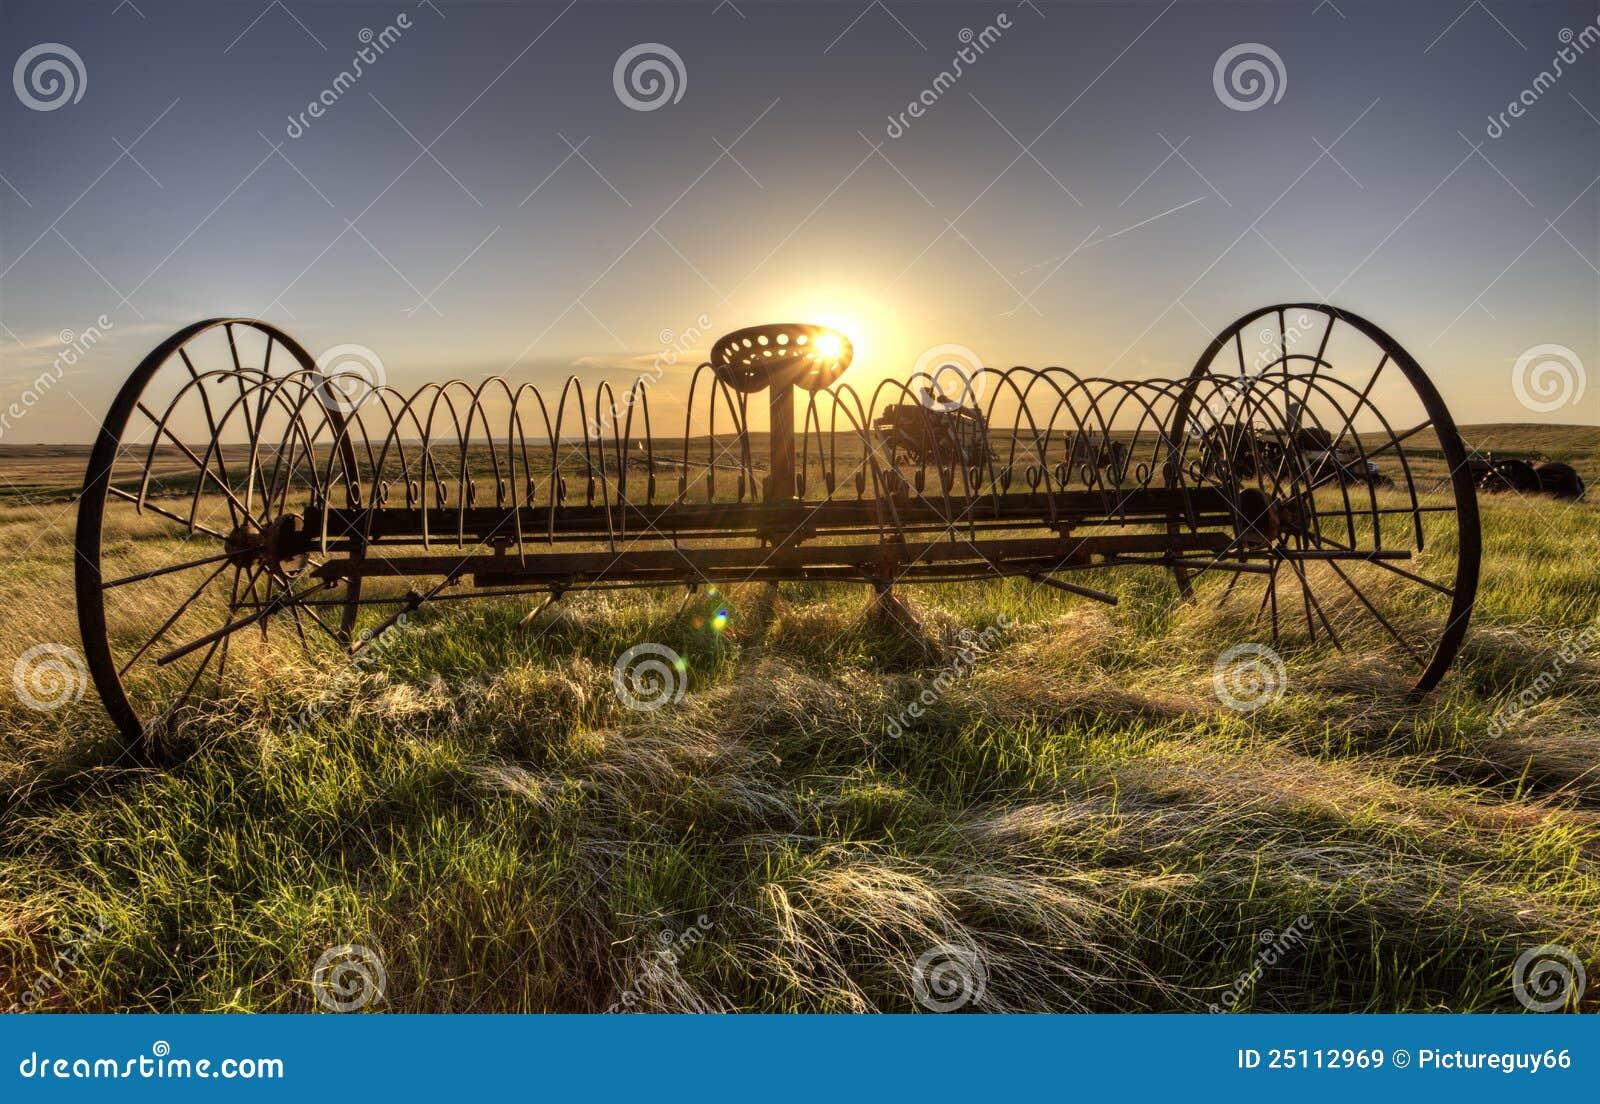 Античное оборудование фермы